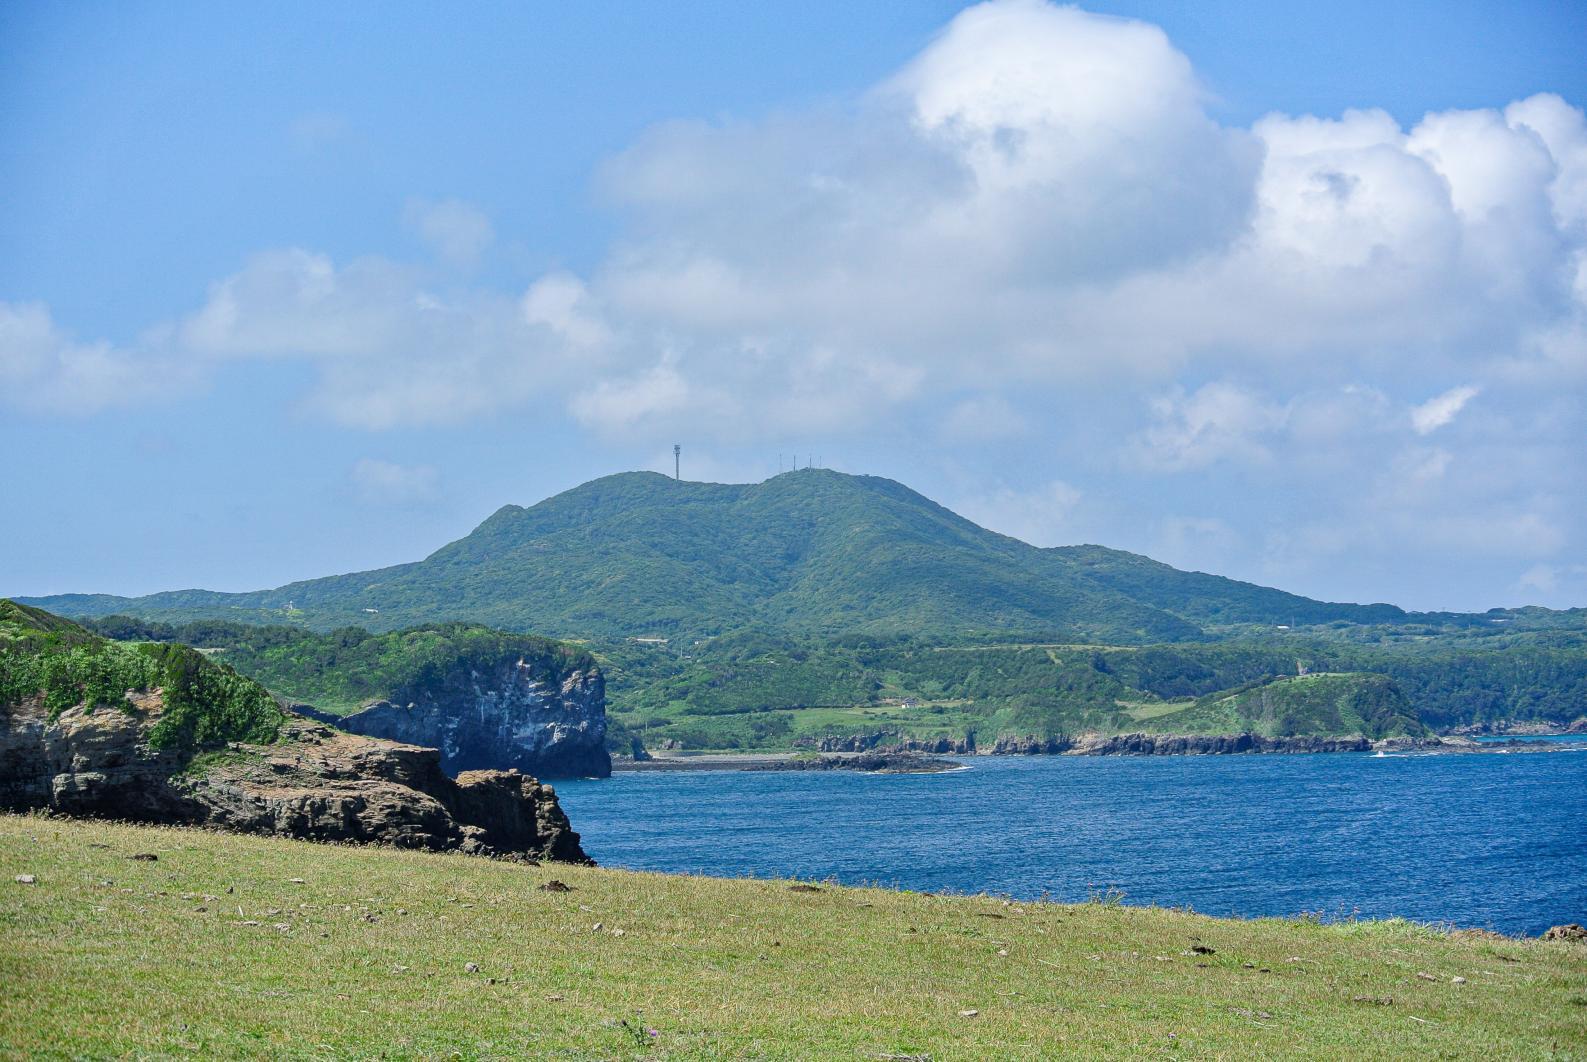 ここは海外か!? のどかな時間と豊かな自然が楽しめる「非日常の島」へ -5